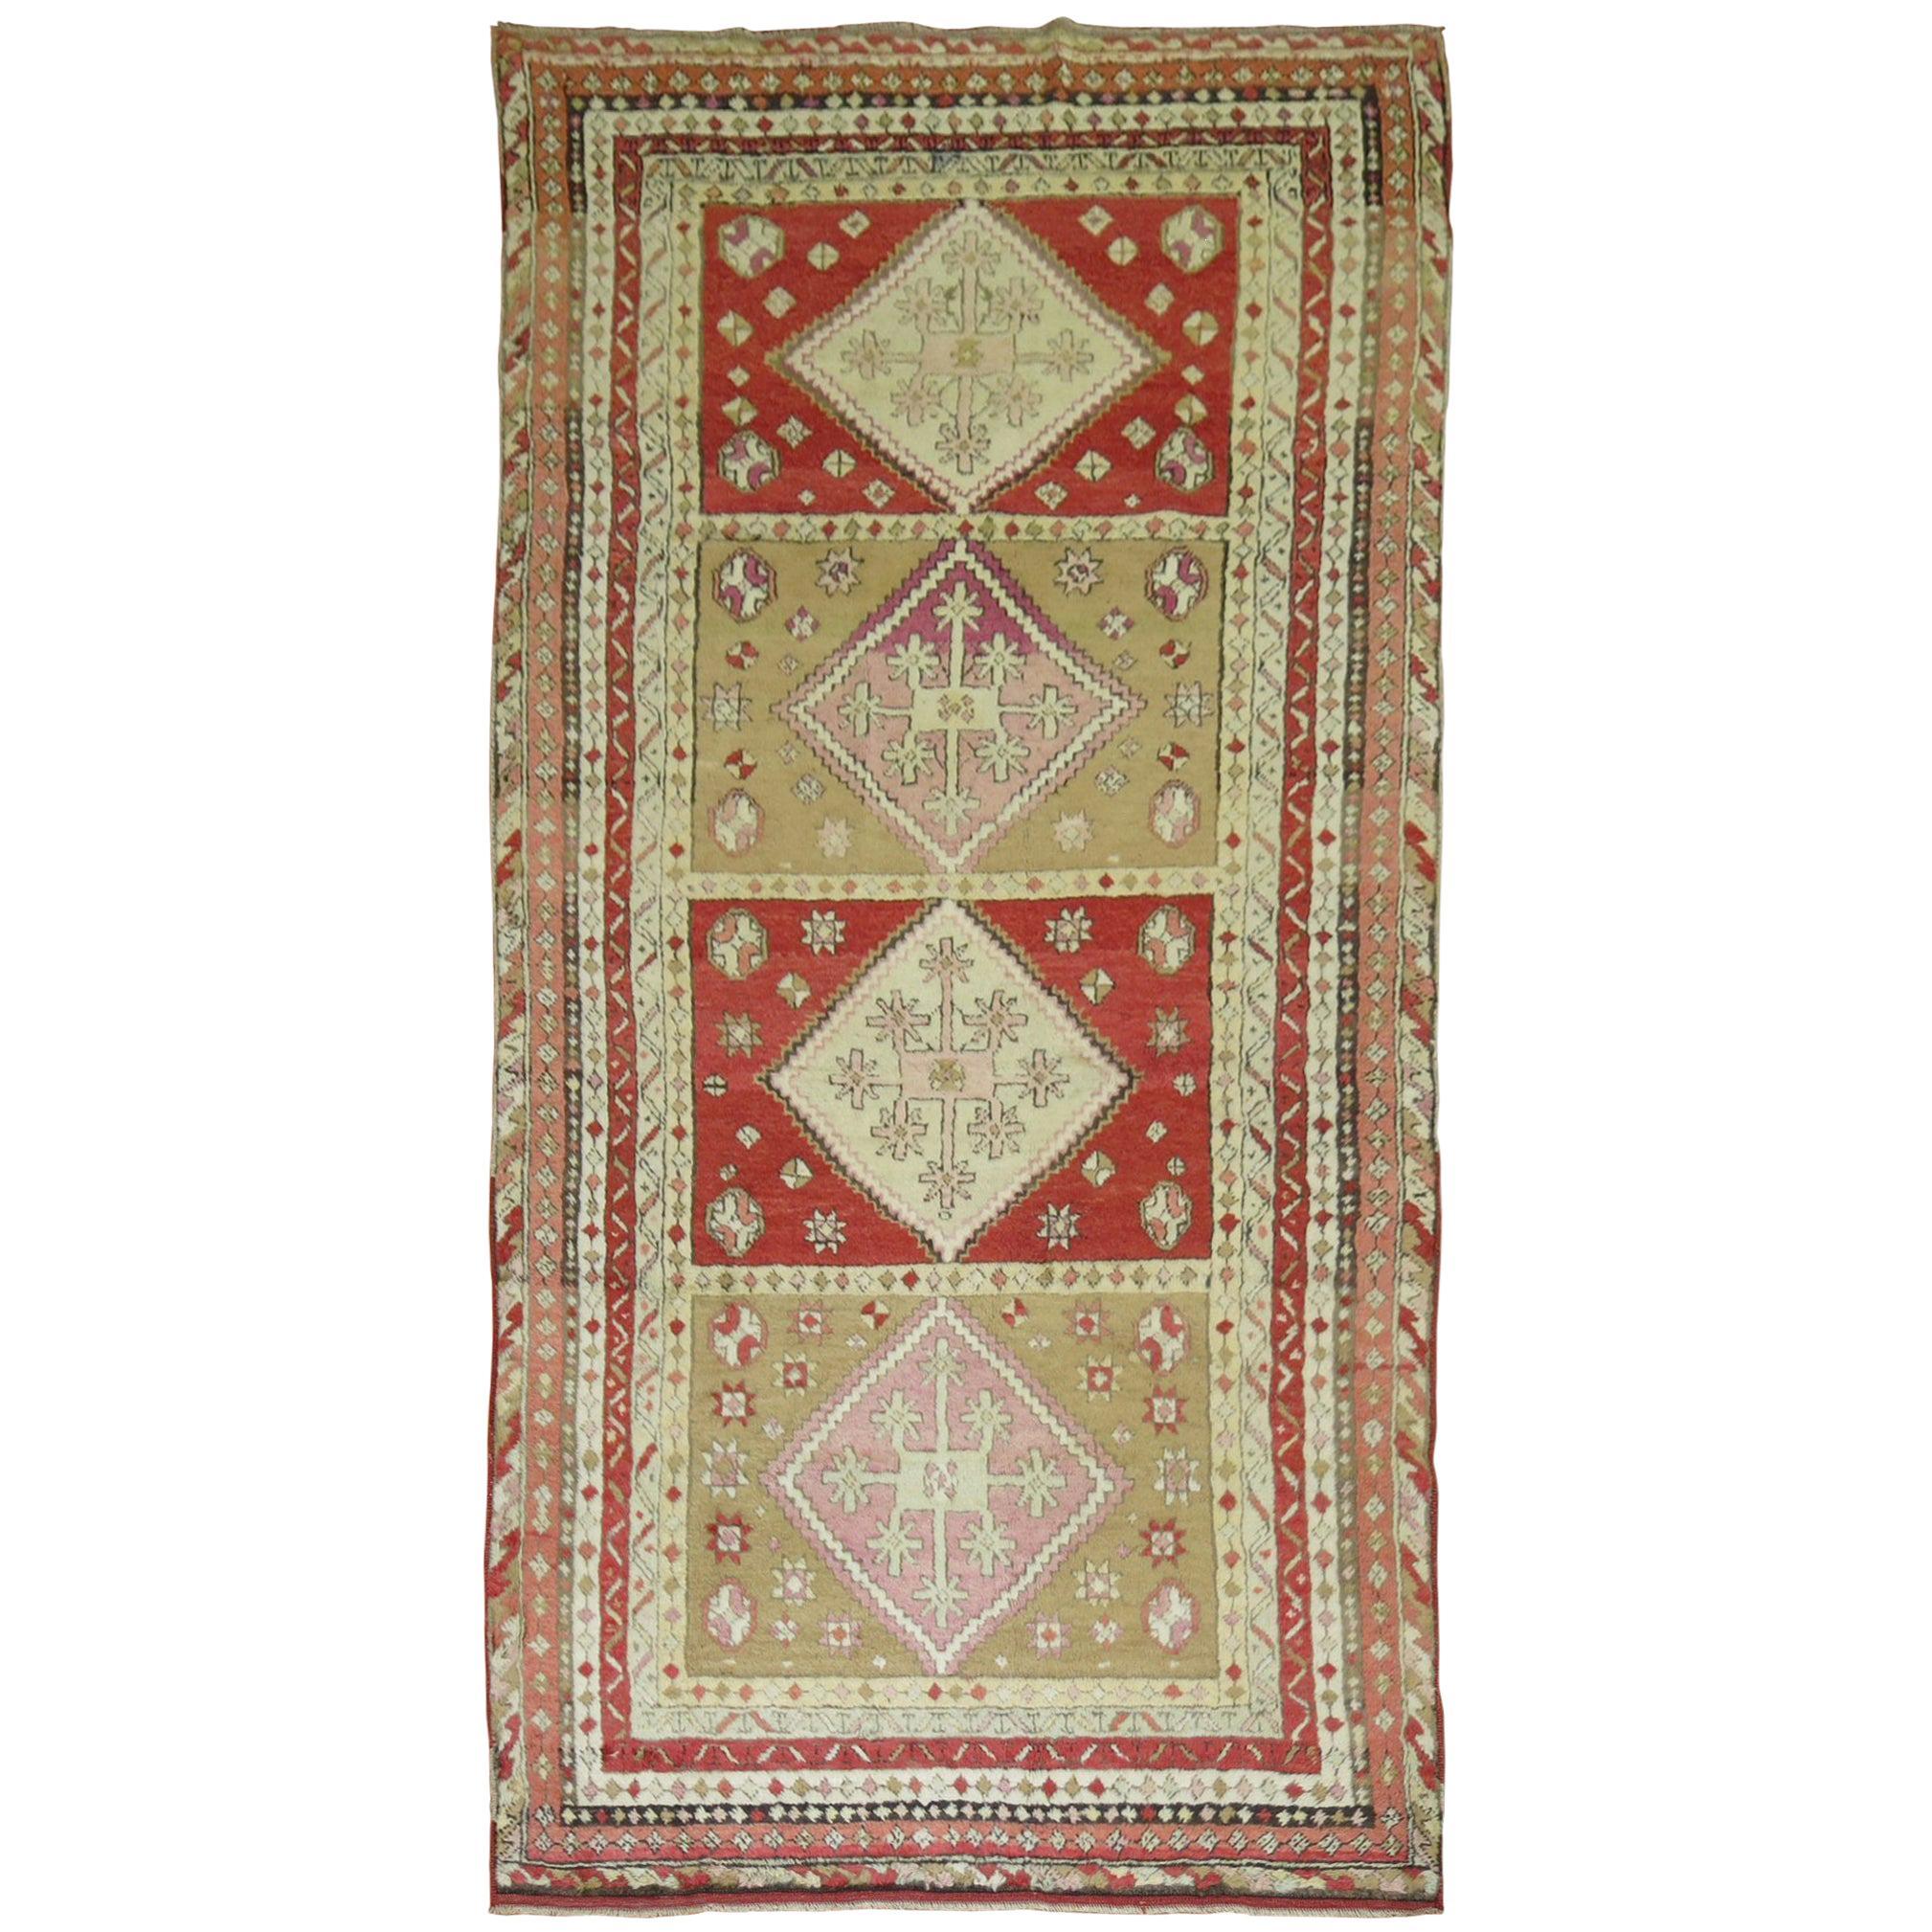 Intricate Antique Turkish Sivas Rug